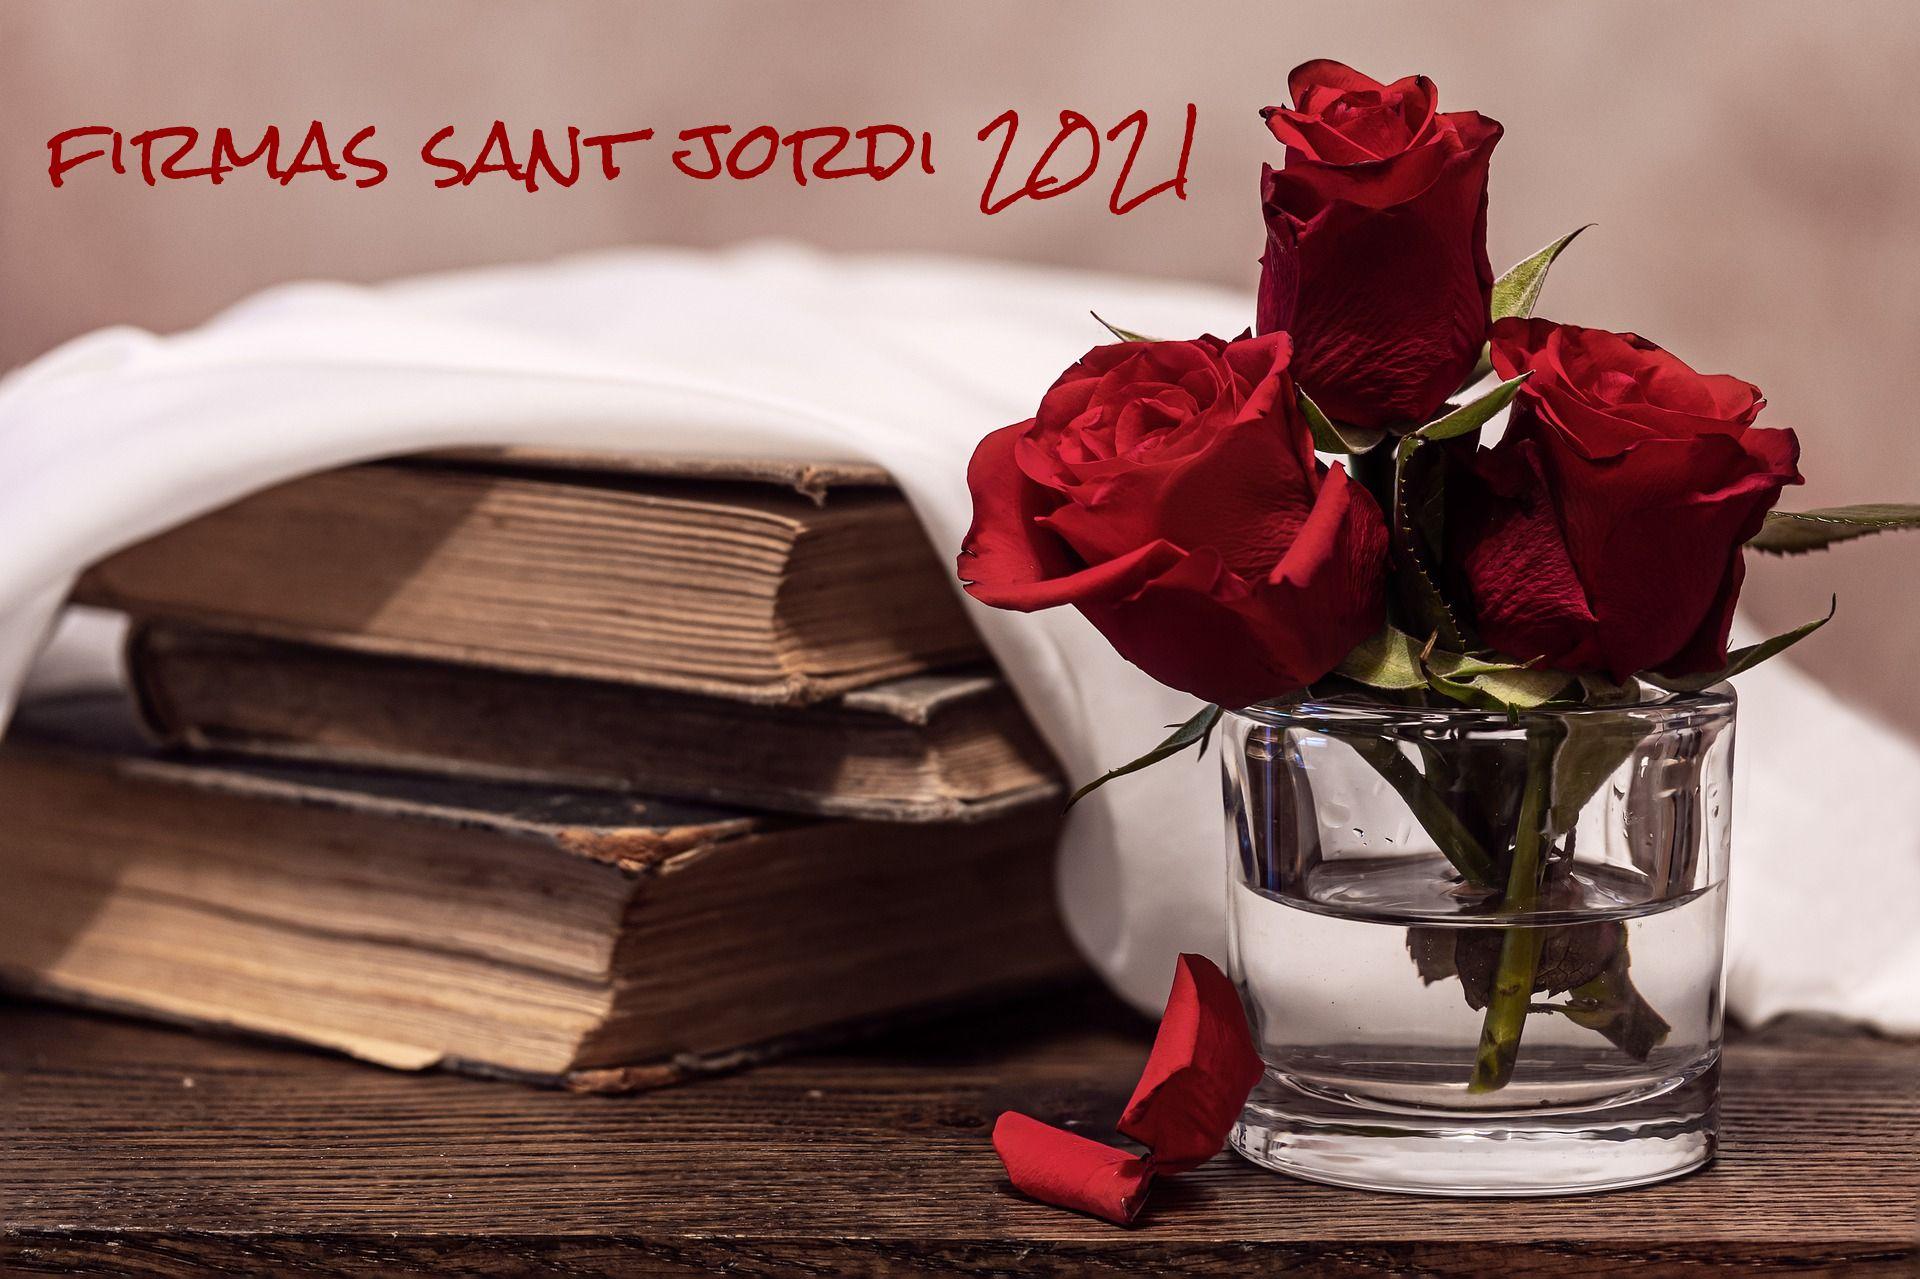 Firmas Sant Jordi 2021